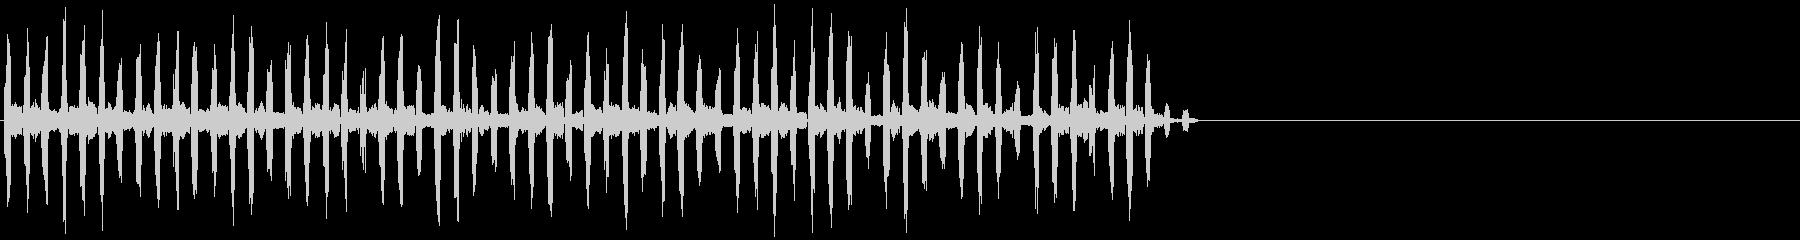 ピコピコ レトロな機械音 PC風の未再生の波形